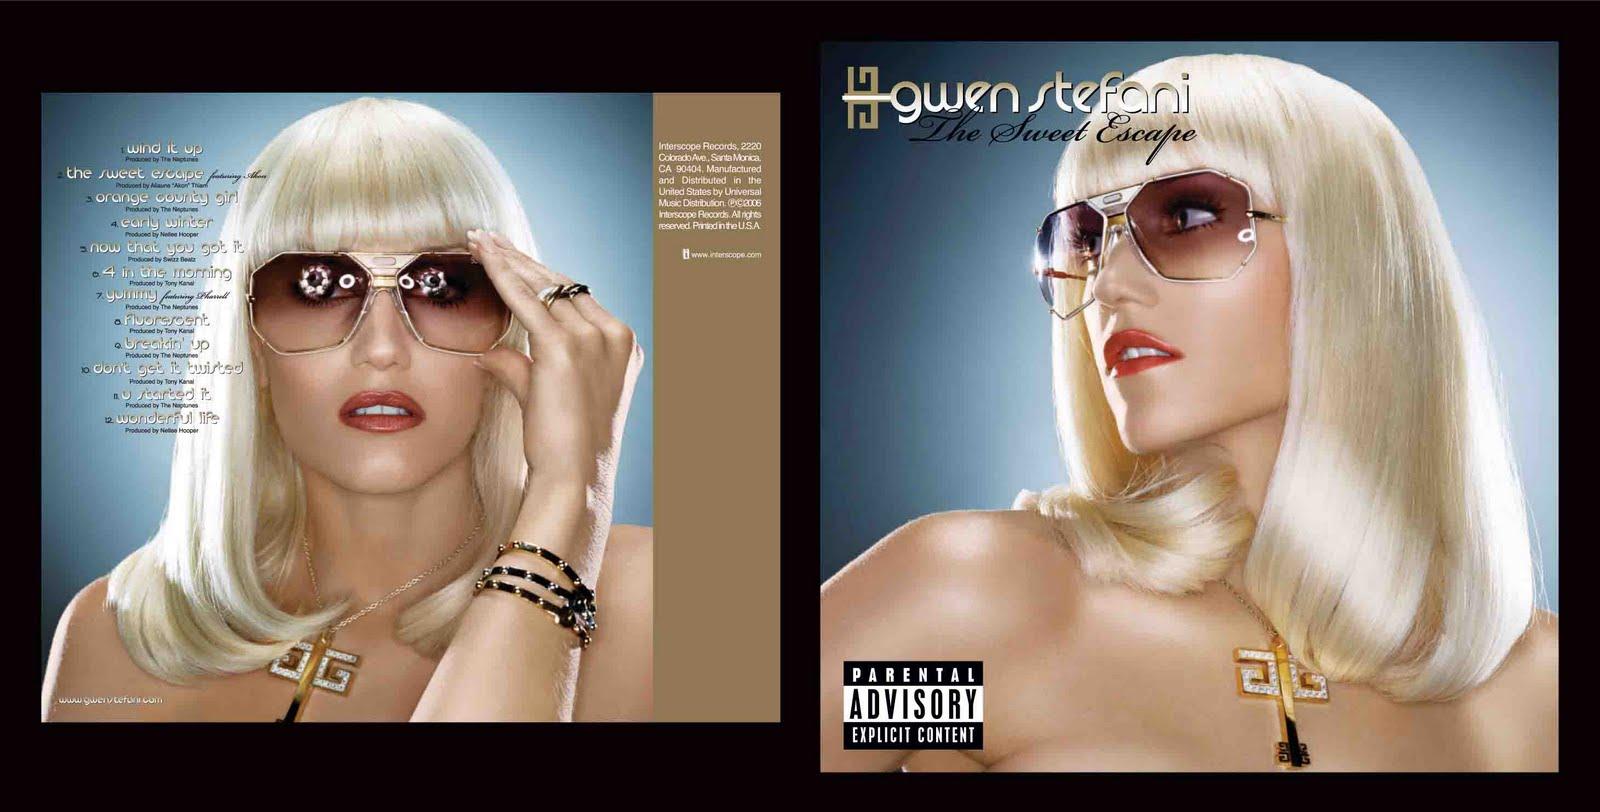 http://4.bp.blogspot.com/_YJM766qf5ps/S61K5KzItfI/AAAAAAAACu4/4nHUYYehyBc/s1600/Gwen+Stefani+-+The+Sweet+Escape-9.jpg